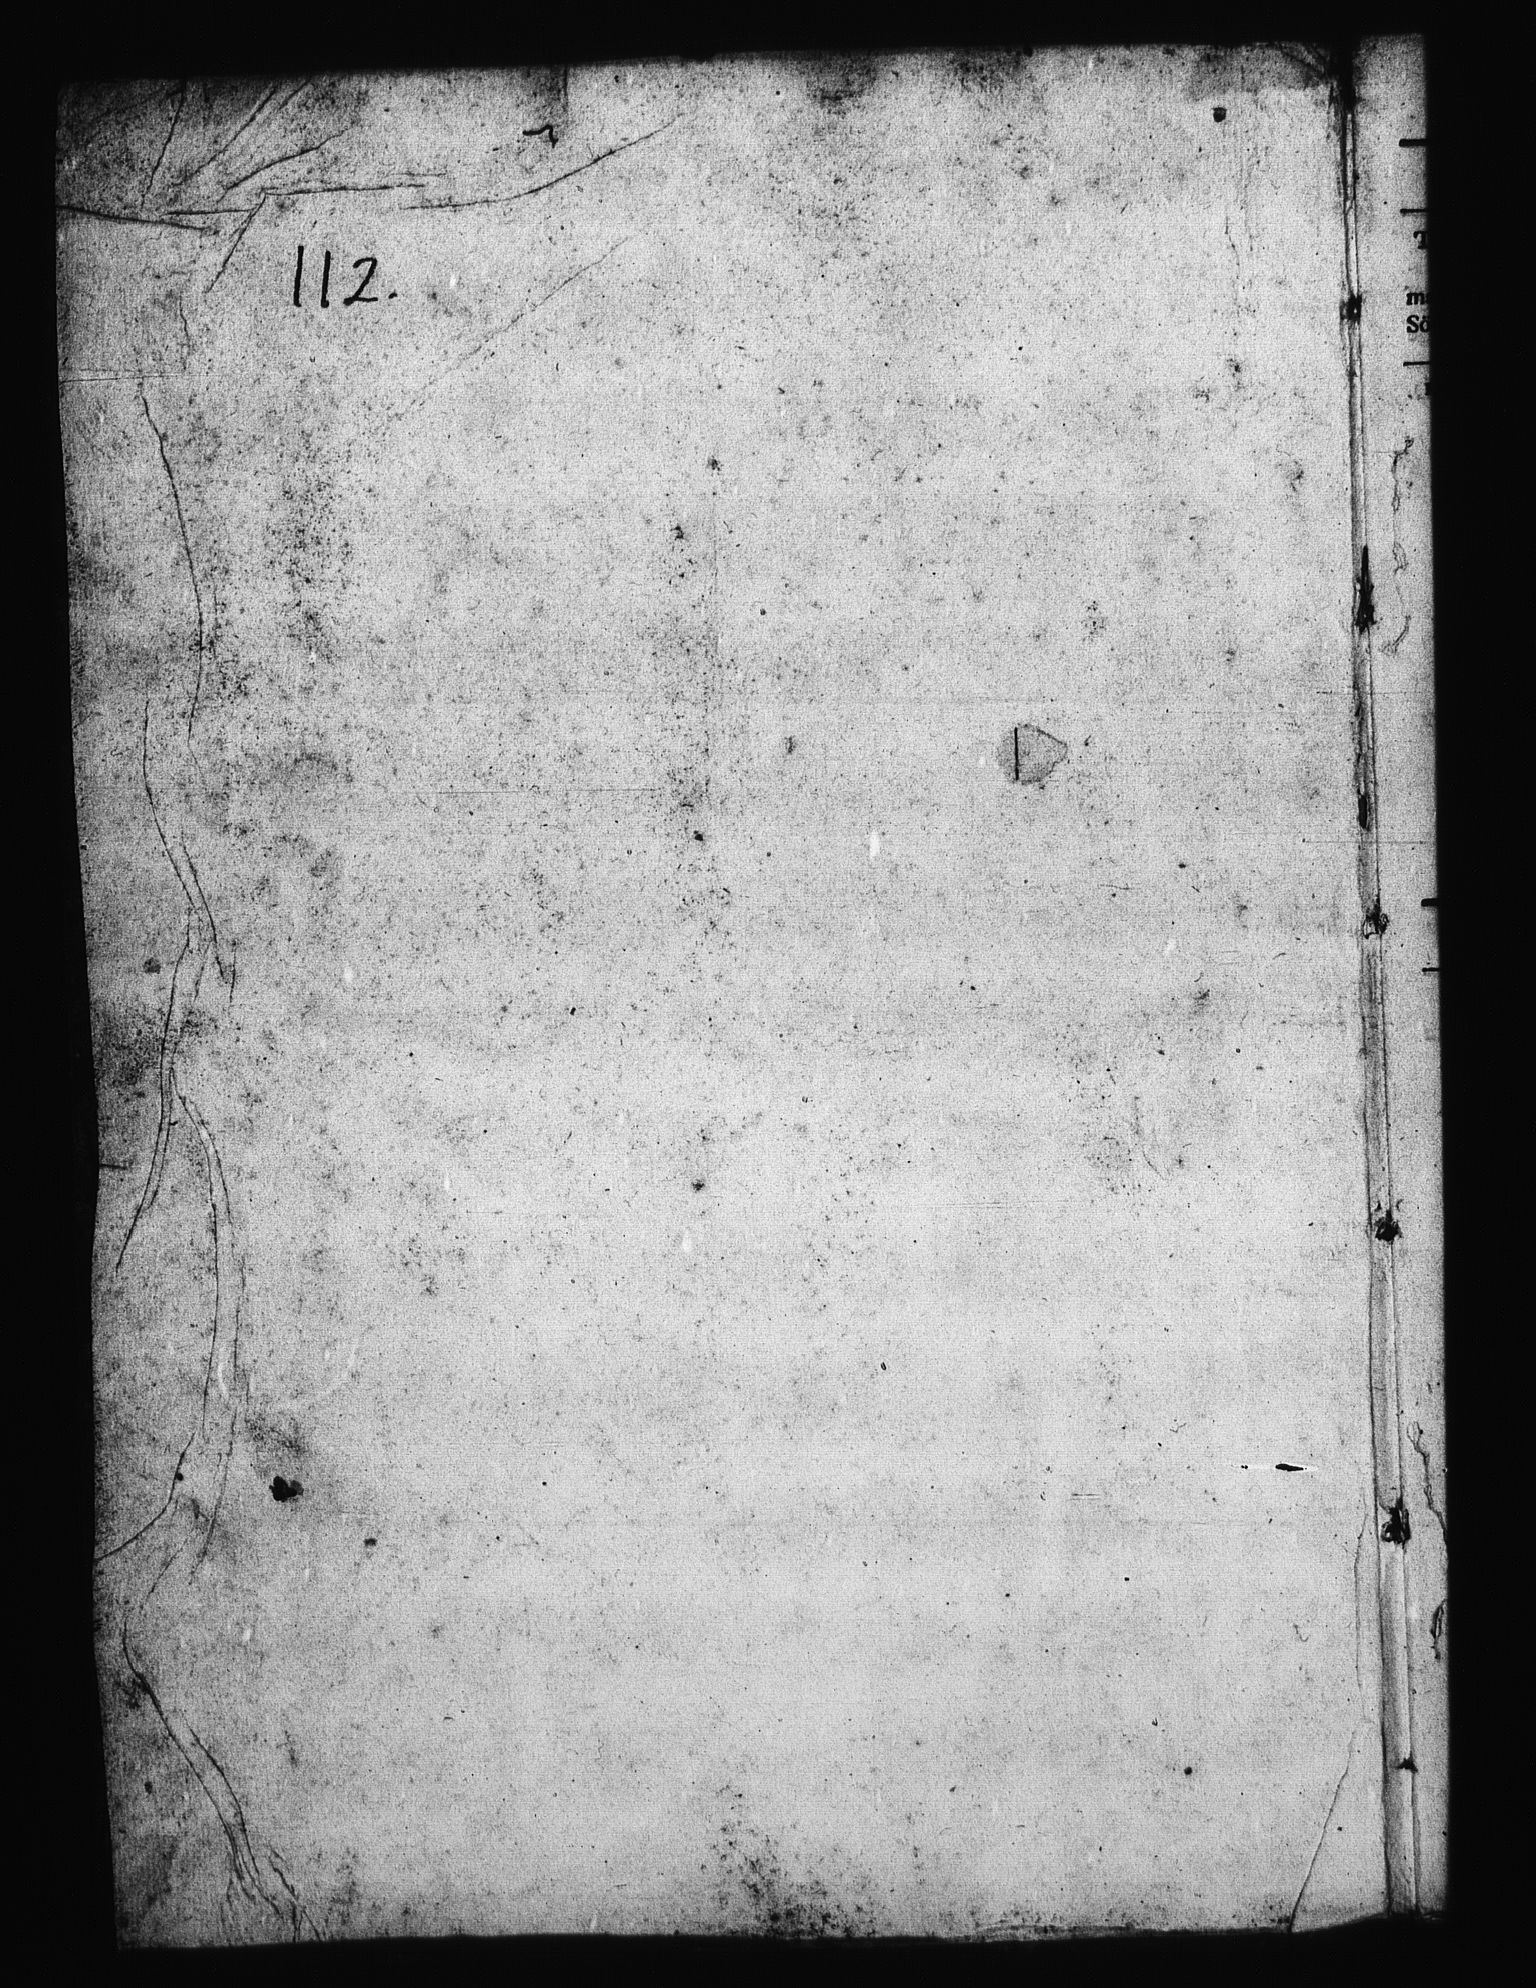 RA, Sjøetaten, F/L0113: Bragernes distrikt, bind 2, 1794